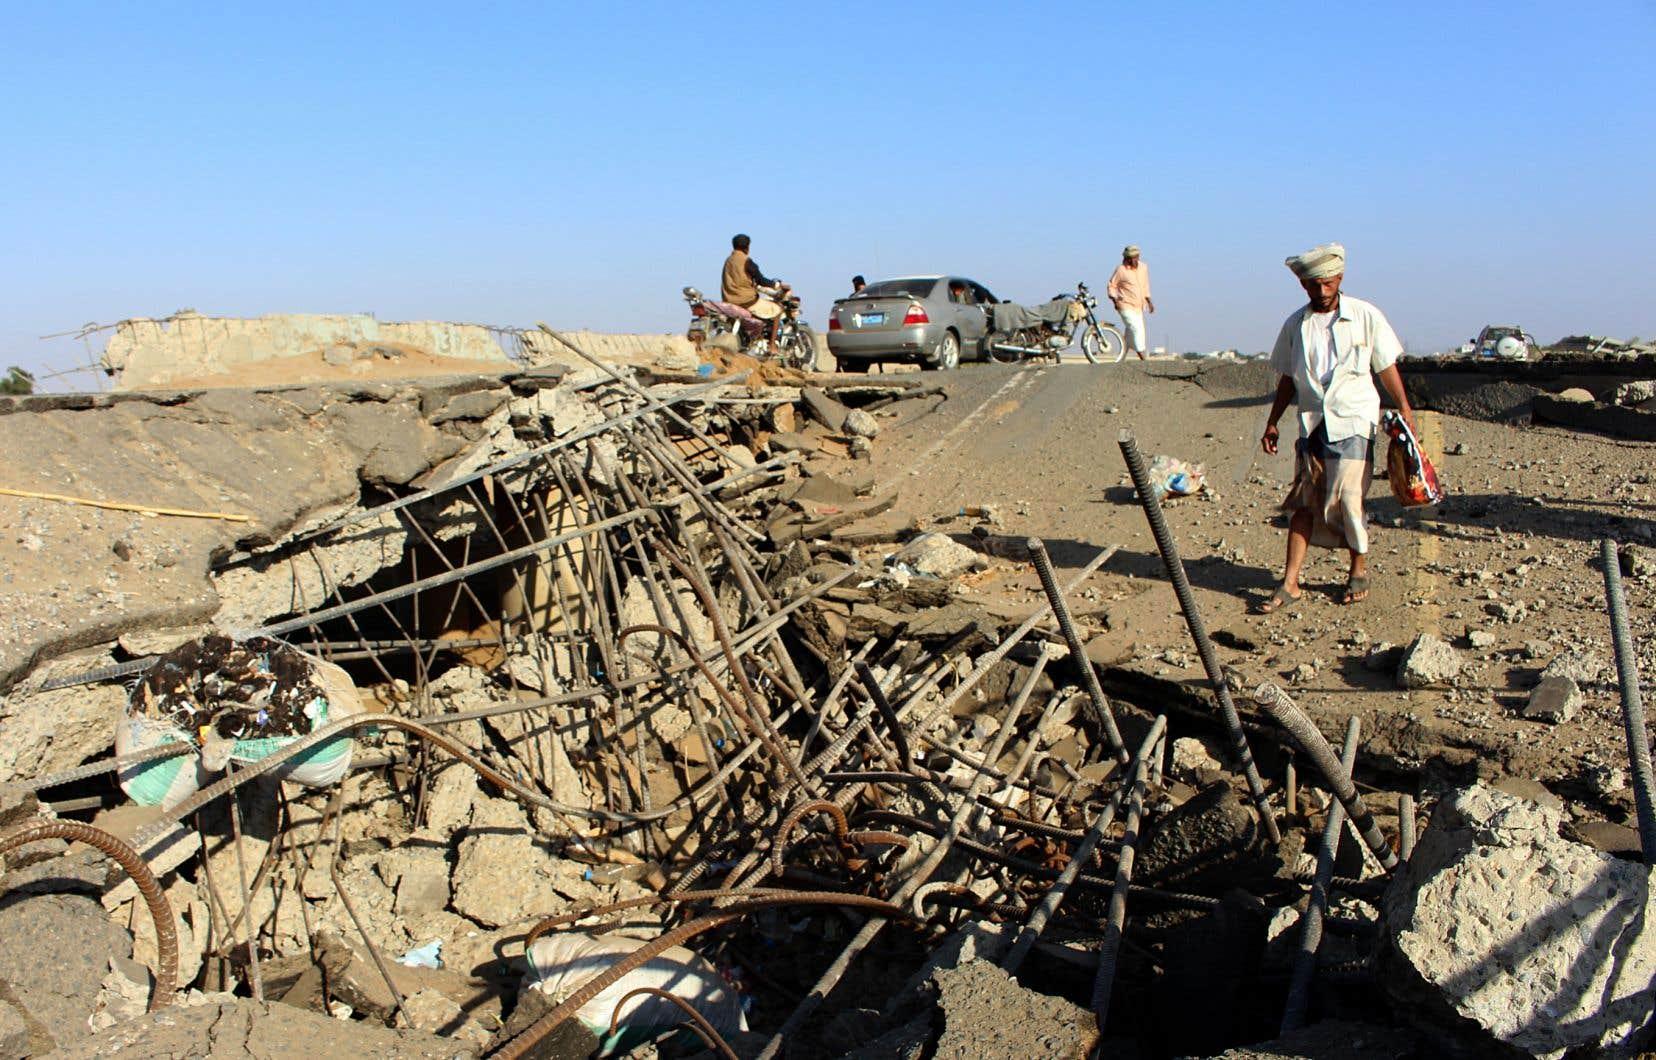 Des hommes yéménites inspectent les dégâts causés par une frappe aérienne dirigée par l'Arabie saoudite sur un pont entre les régions d'Abbas et de Harad, le 25 décembre.